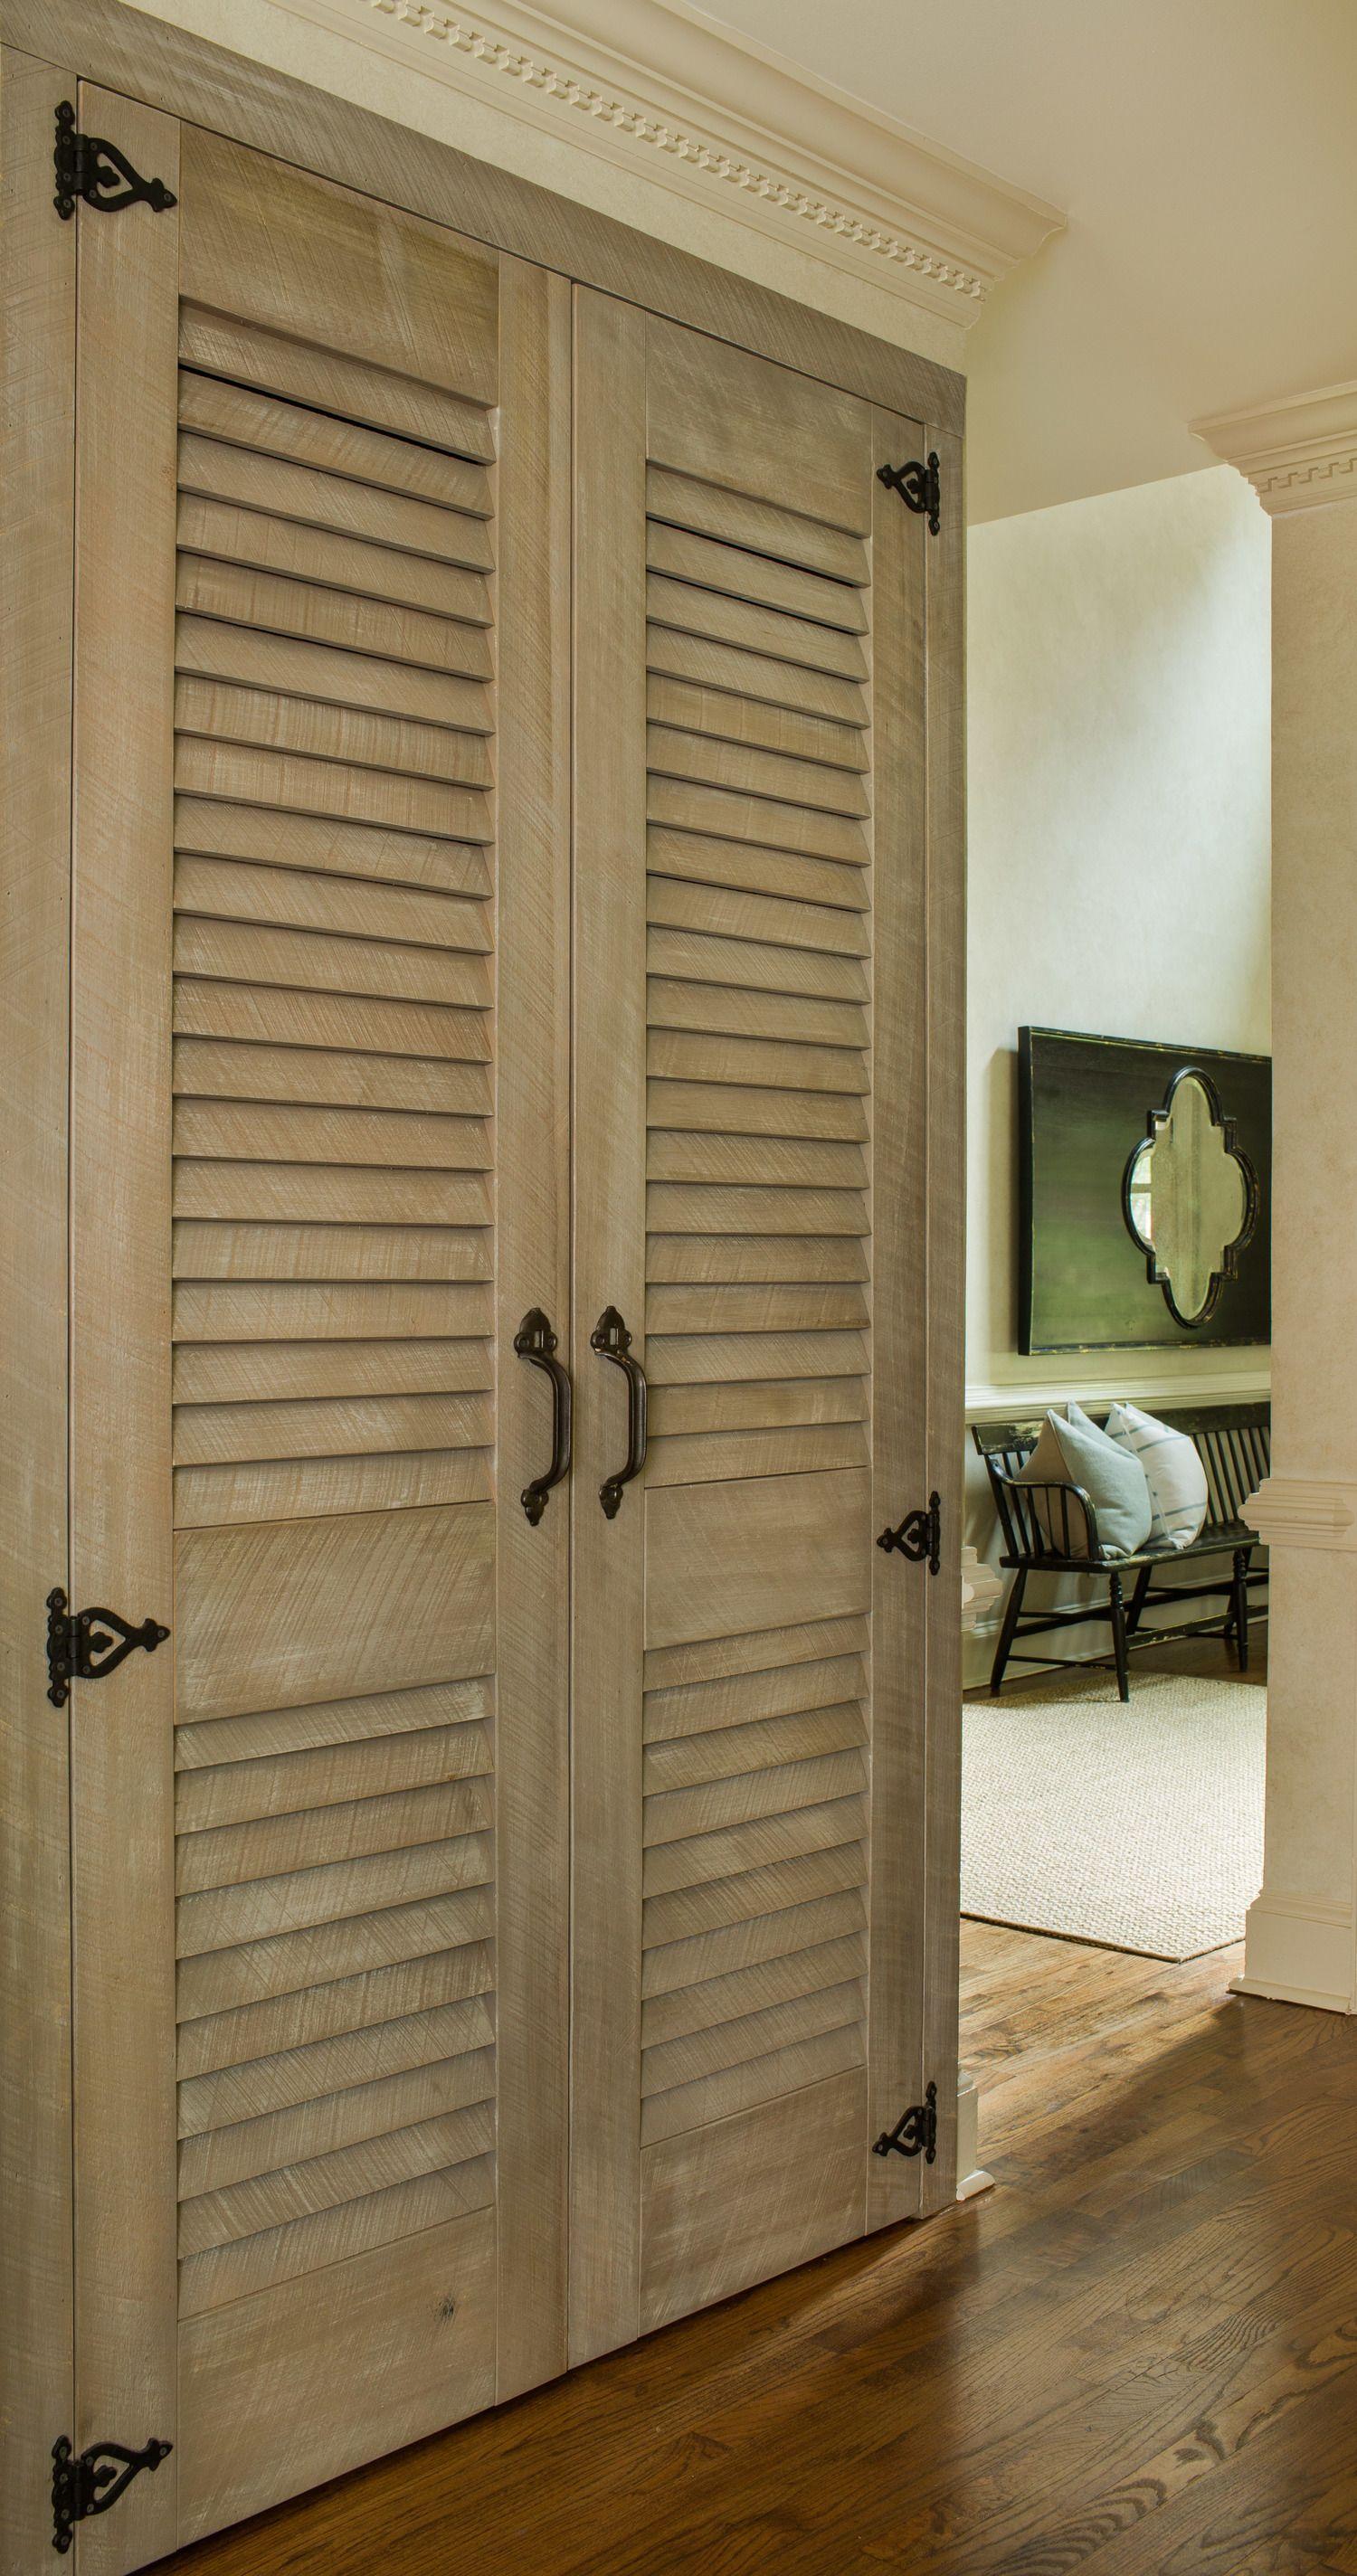 Strip The Shutter Doors Cupboard Doors Makeover Closet Door Makeover Old Closet Doors